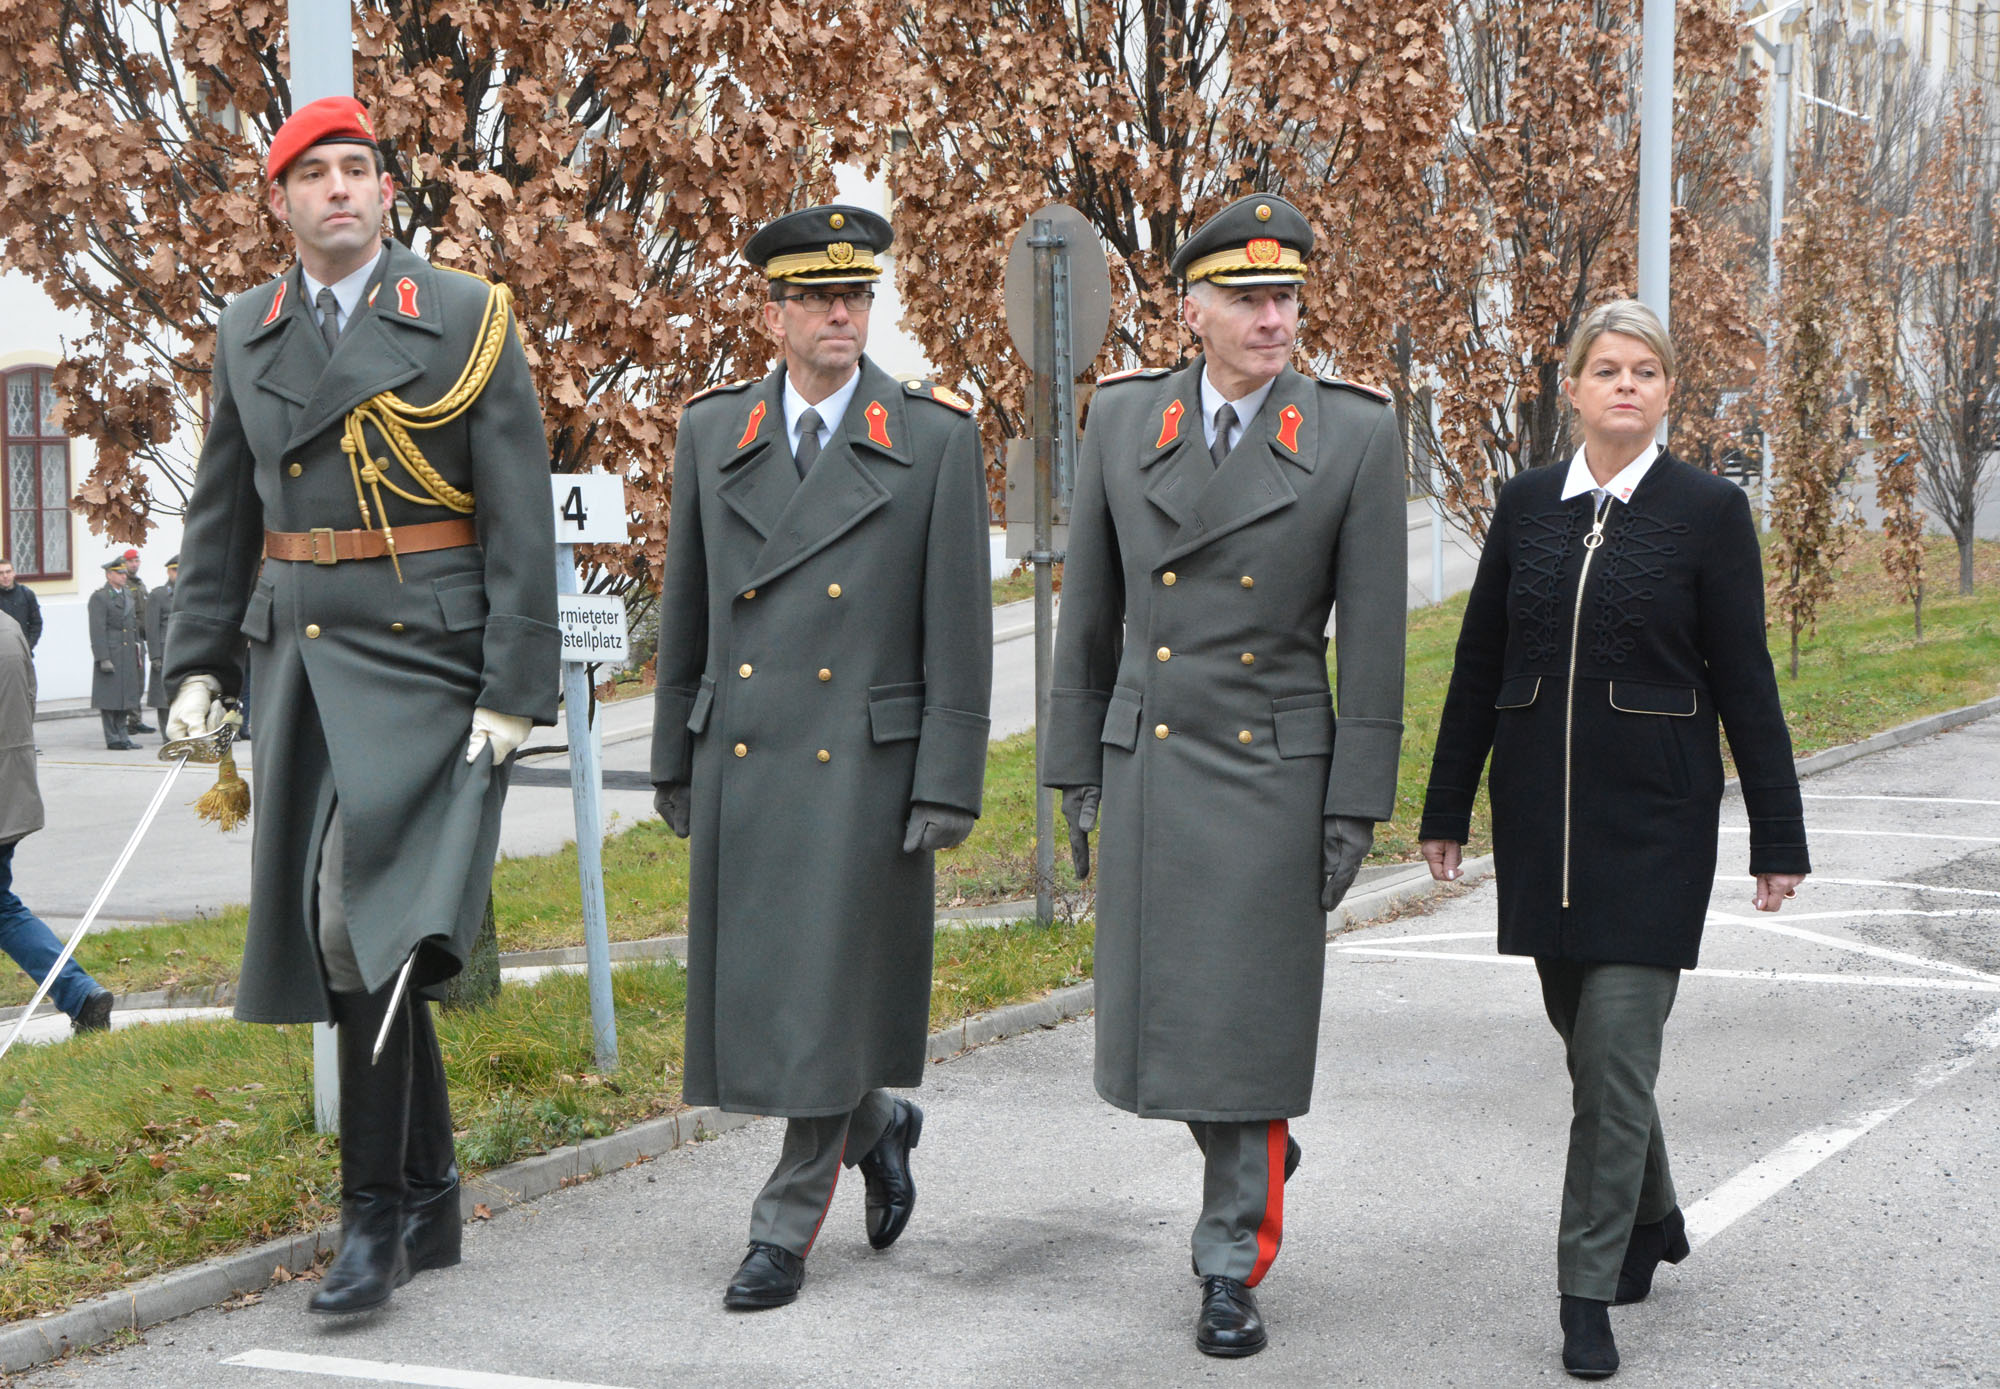 2020_01_27_Garde_3GdKp_Umbenennung-Stiftskaserne-in-General-Spannocchi_DSC_3561